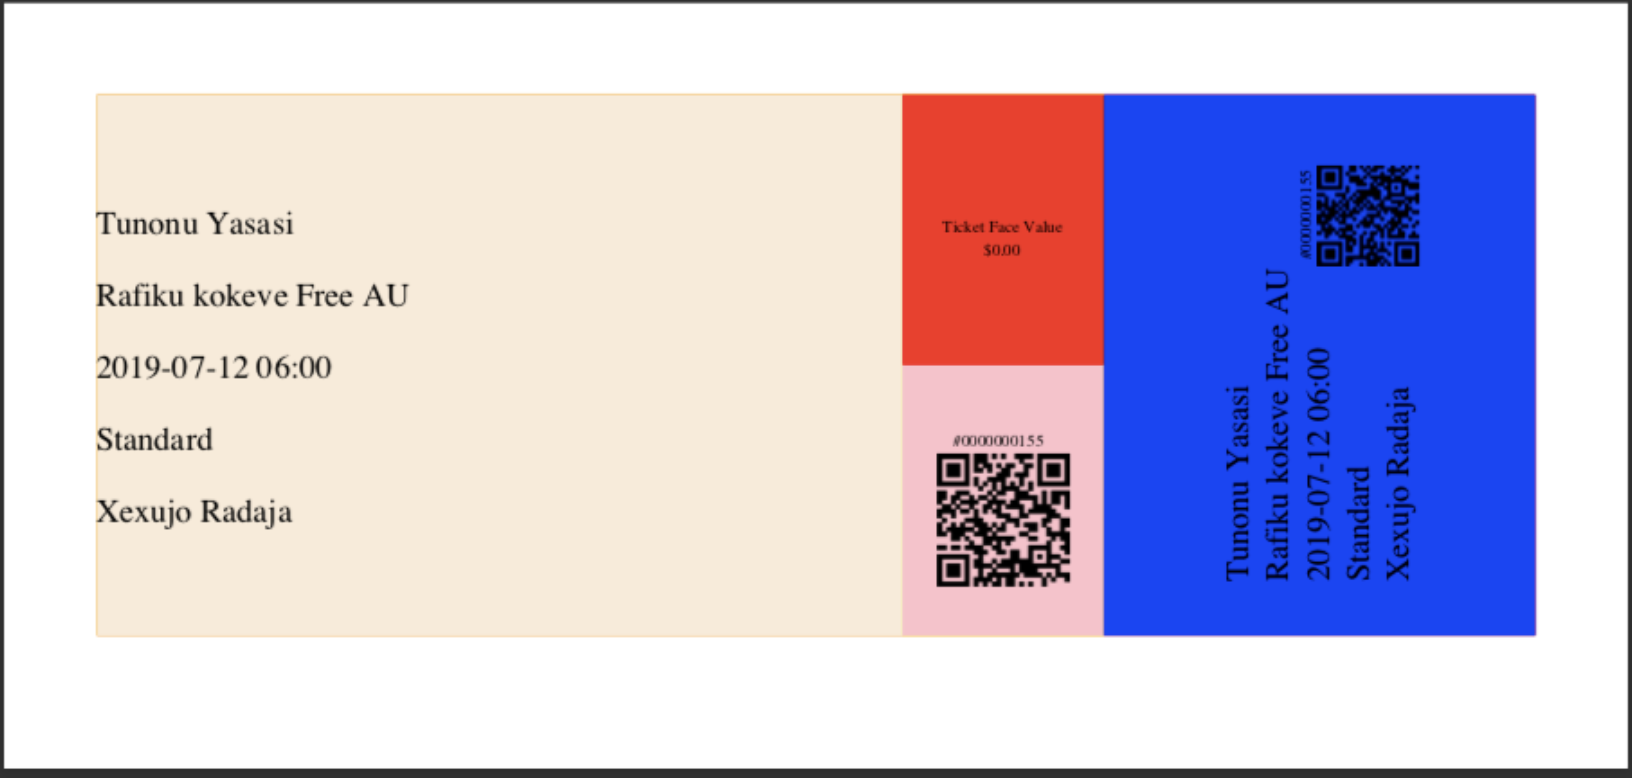 ticket layout